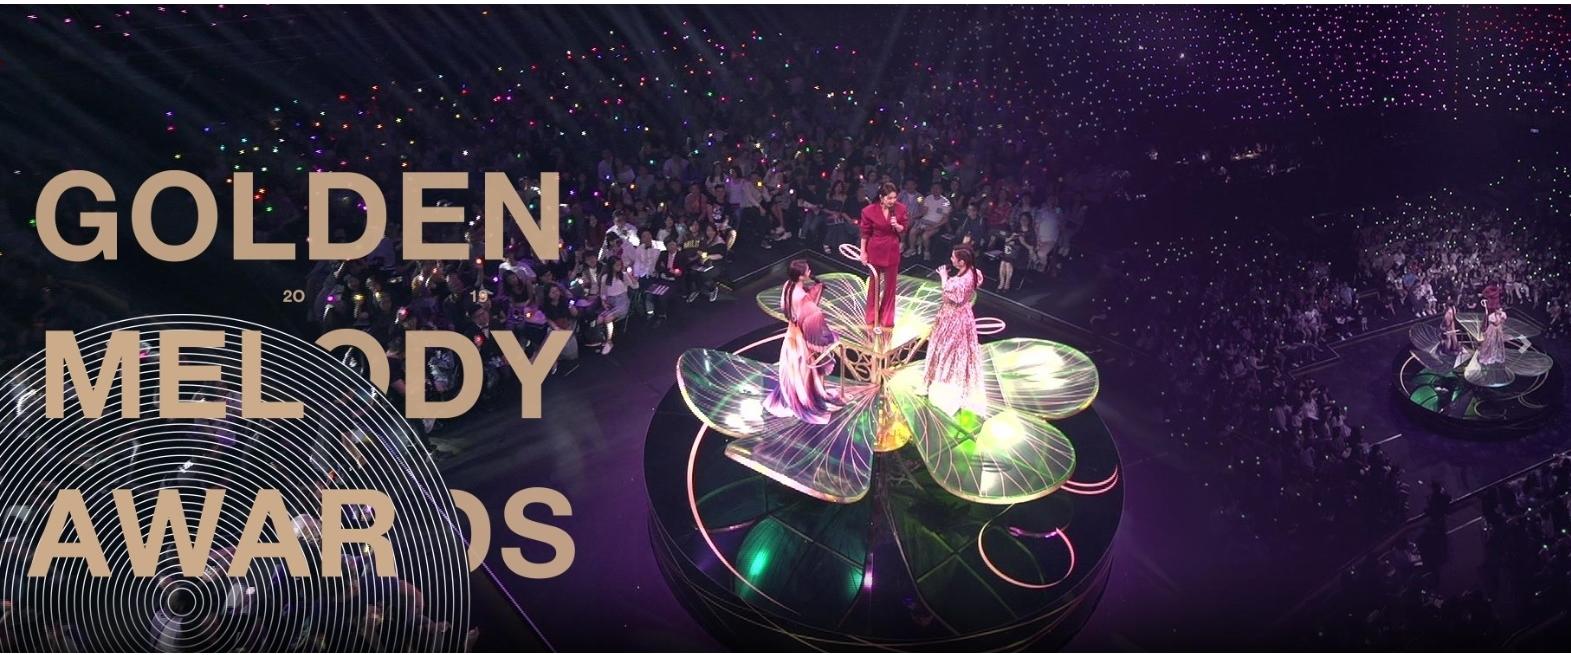 La 31ª edición de la ceremonia de entrega de los Premios Melodía Dorada ha sido aplazada[另開新視窗]